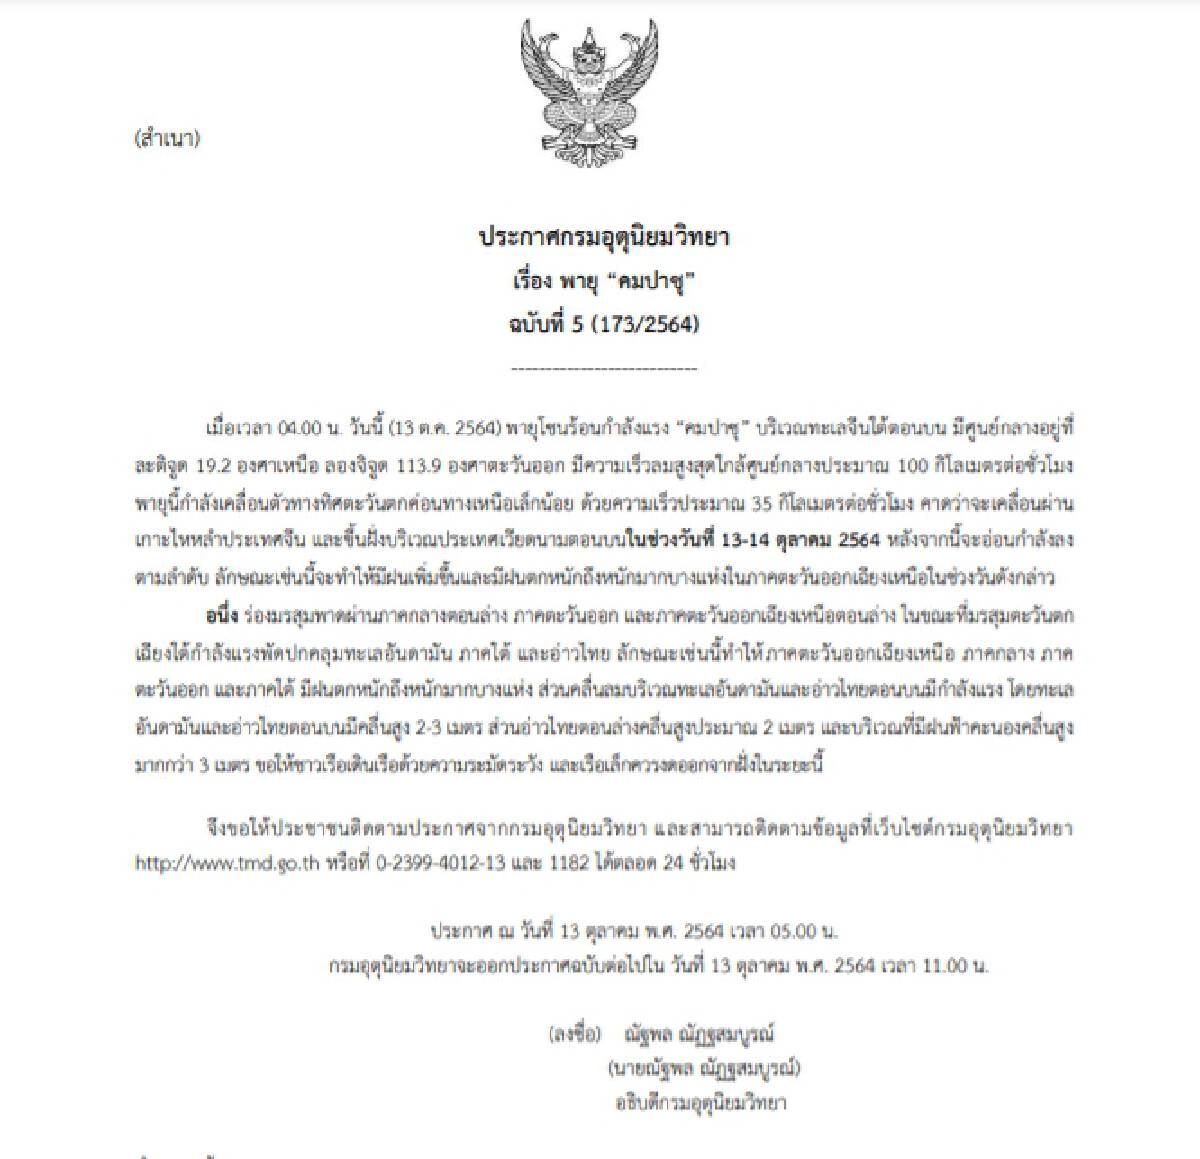 """อุตุฯ เผย อิทธิพล """"คมปาซุ"""" ส่งผลอีสาน ฝนหนัก 2 วันนี้ ชี้ ขึ้นฝั่งเวียดนามแล้ว"""